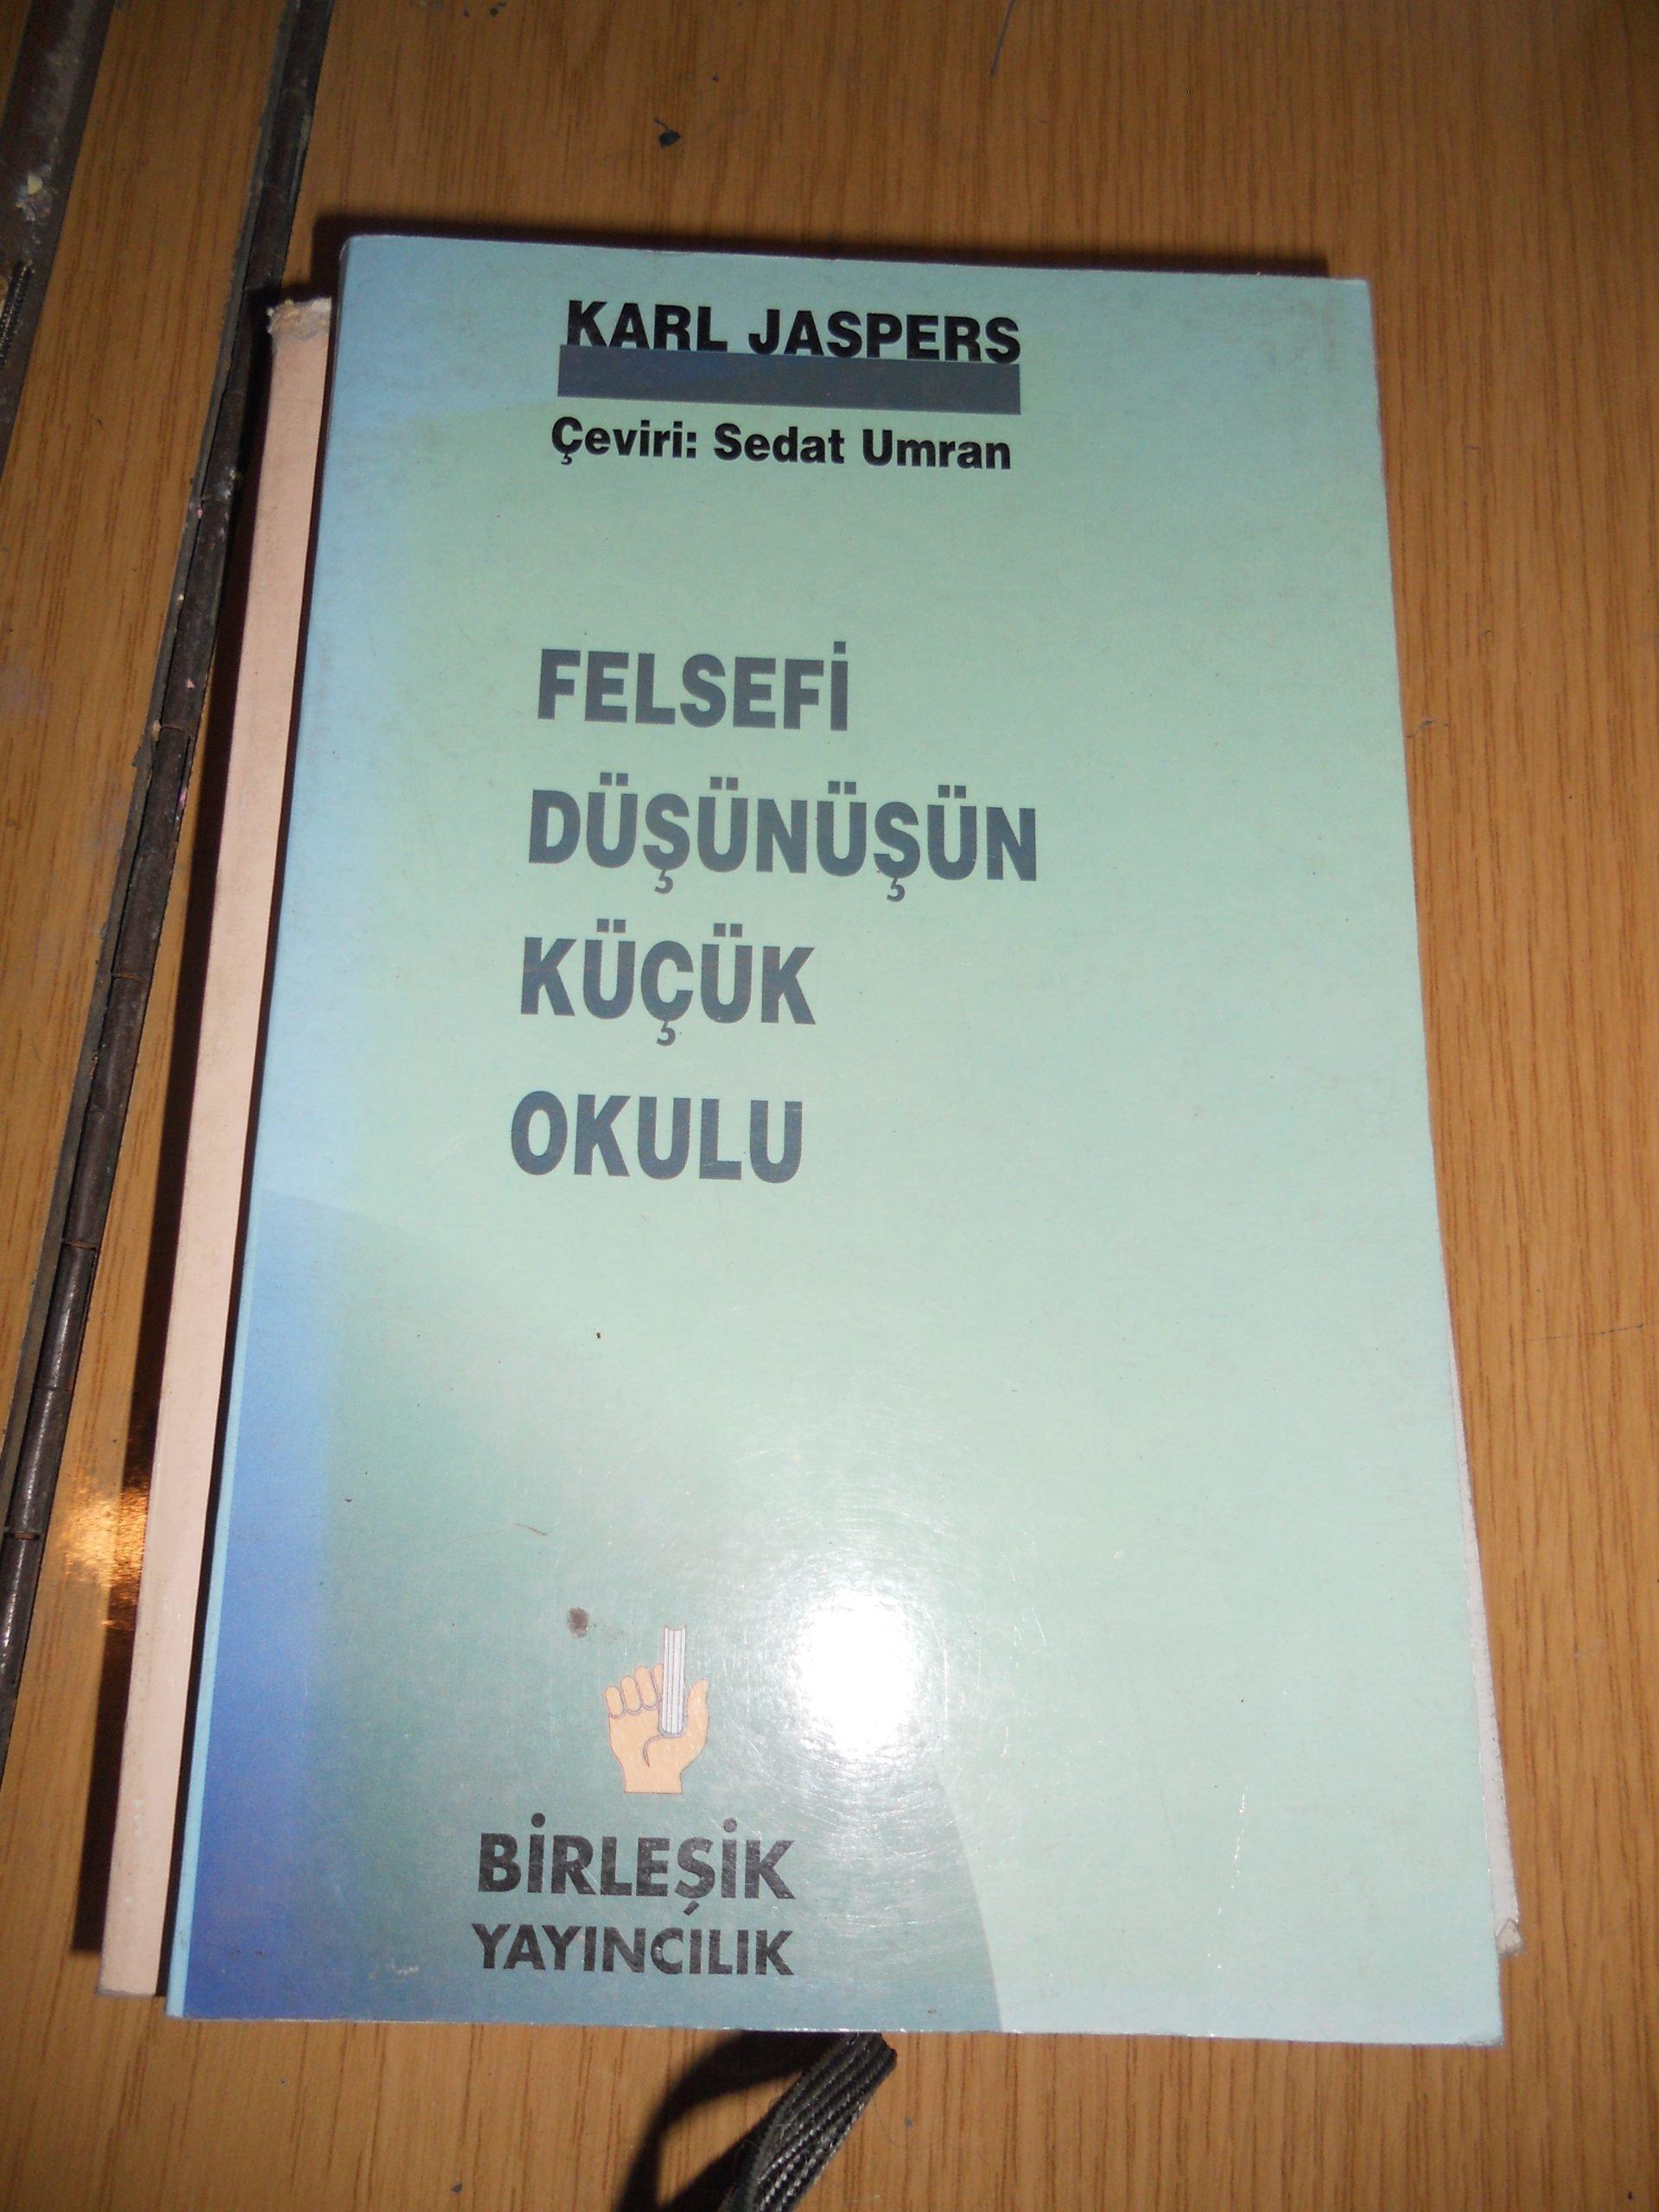 FELSEFİ DÜŞÜNÜŞÜN KÜÇÜK OKULU/Karl JASPERS/15 TL